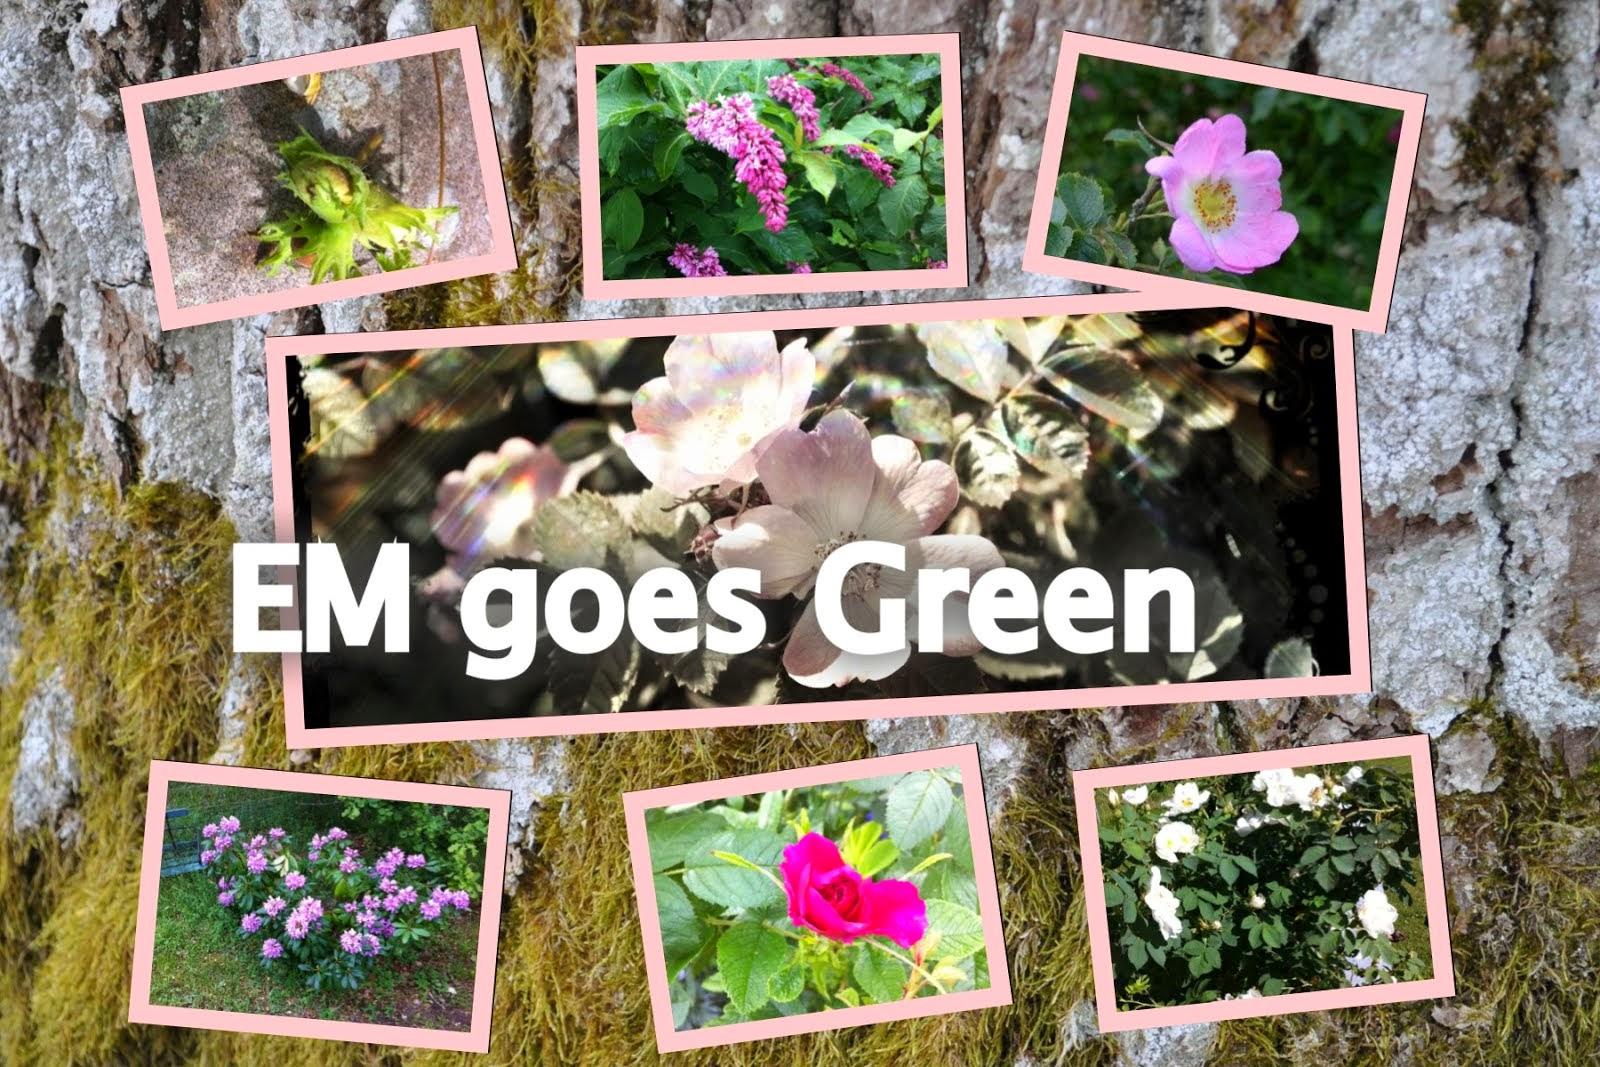 EM goes Green